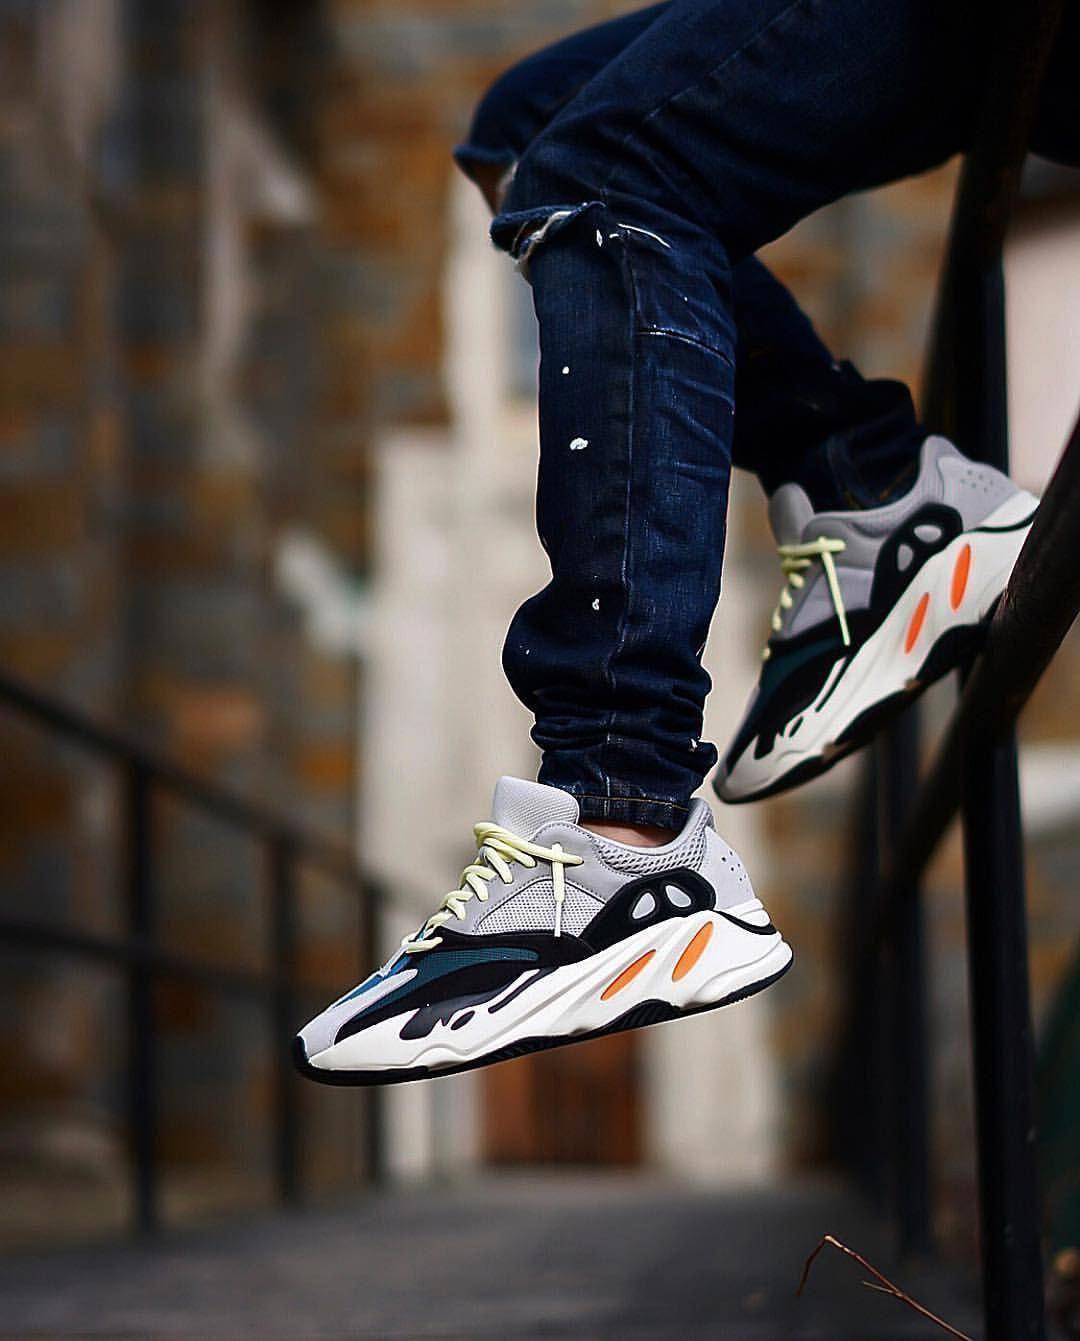 Adidas Yeezy Boost 700 Wave Runner Swagsneakers Luxuryshoes Luxurysneakers Chunkyshoes Tenis Adidas Masculino Tenis Masculino Moda Masculina Dicas